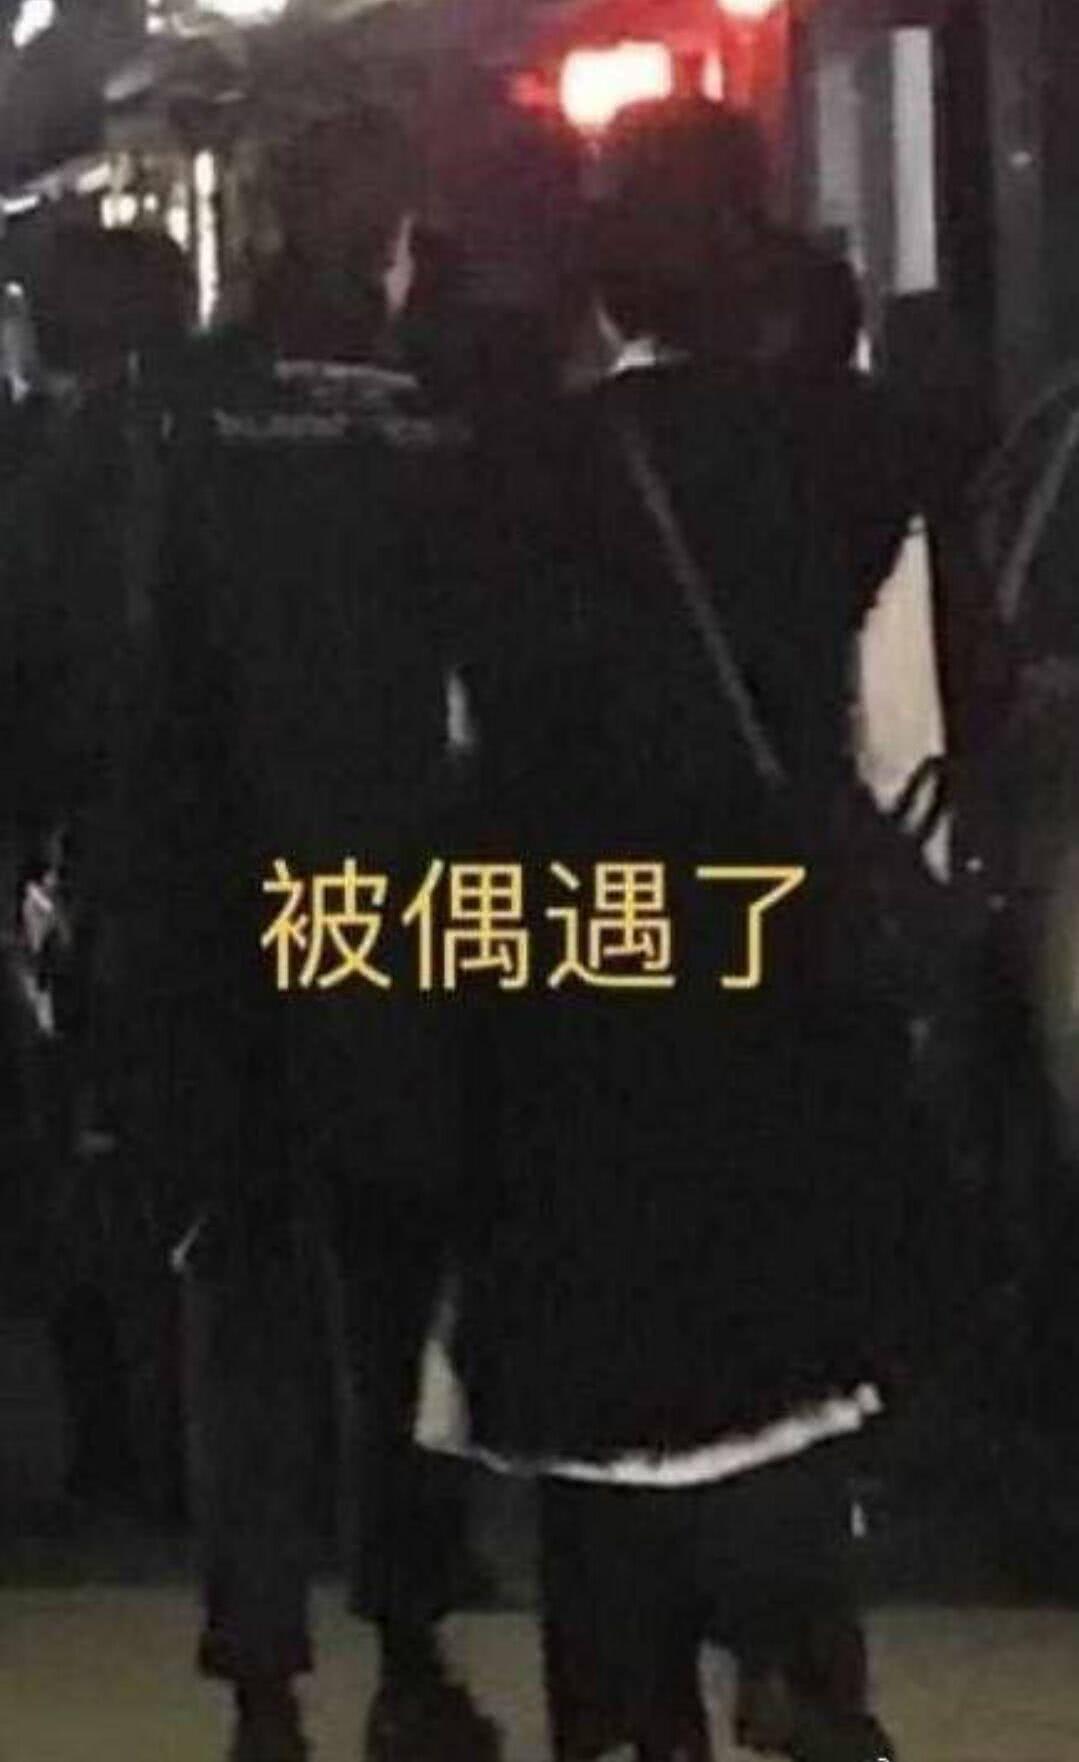 华晨宇和张碧晨都�没结婚,将在无婚姻状况下抚养女儿,一起成长